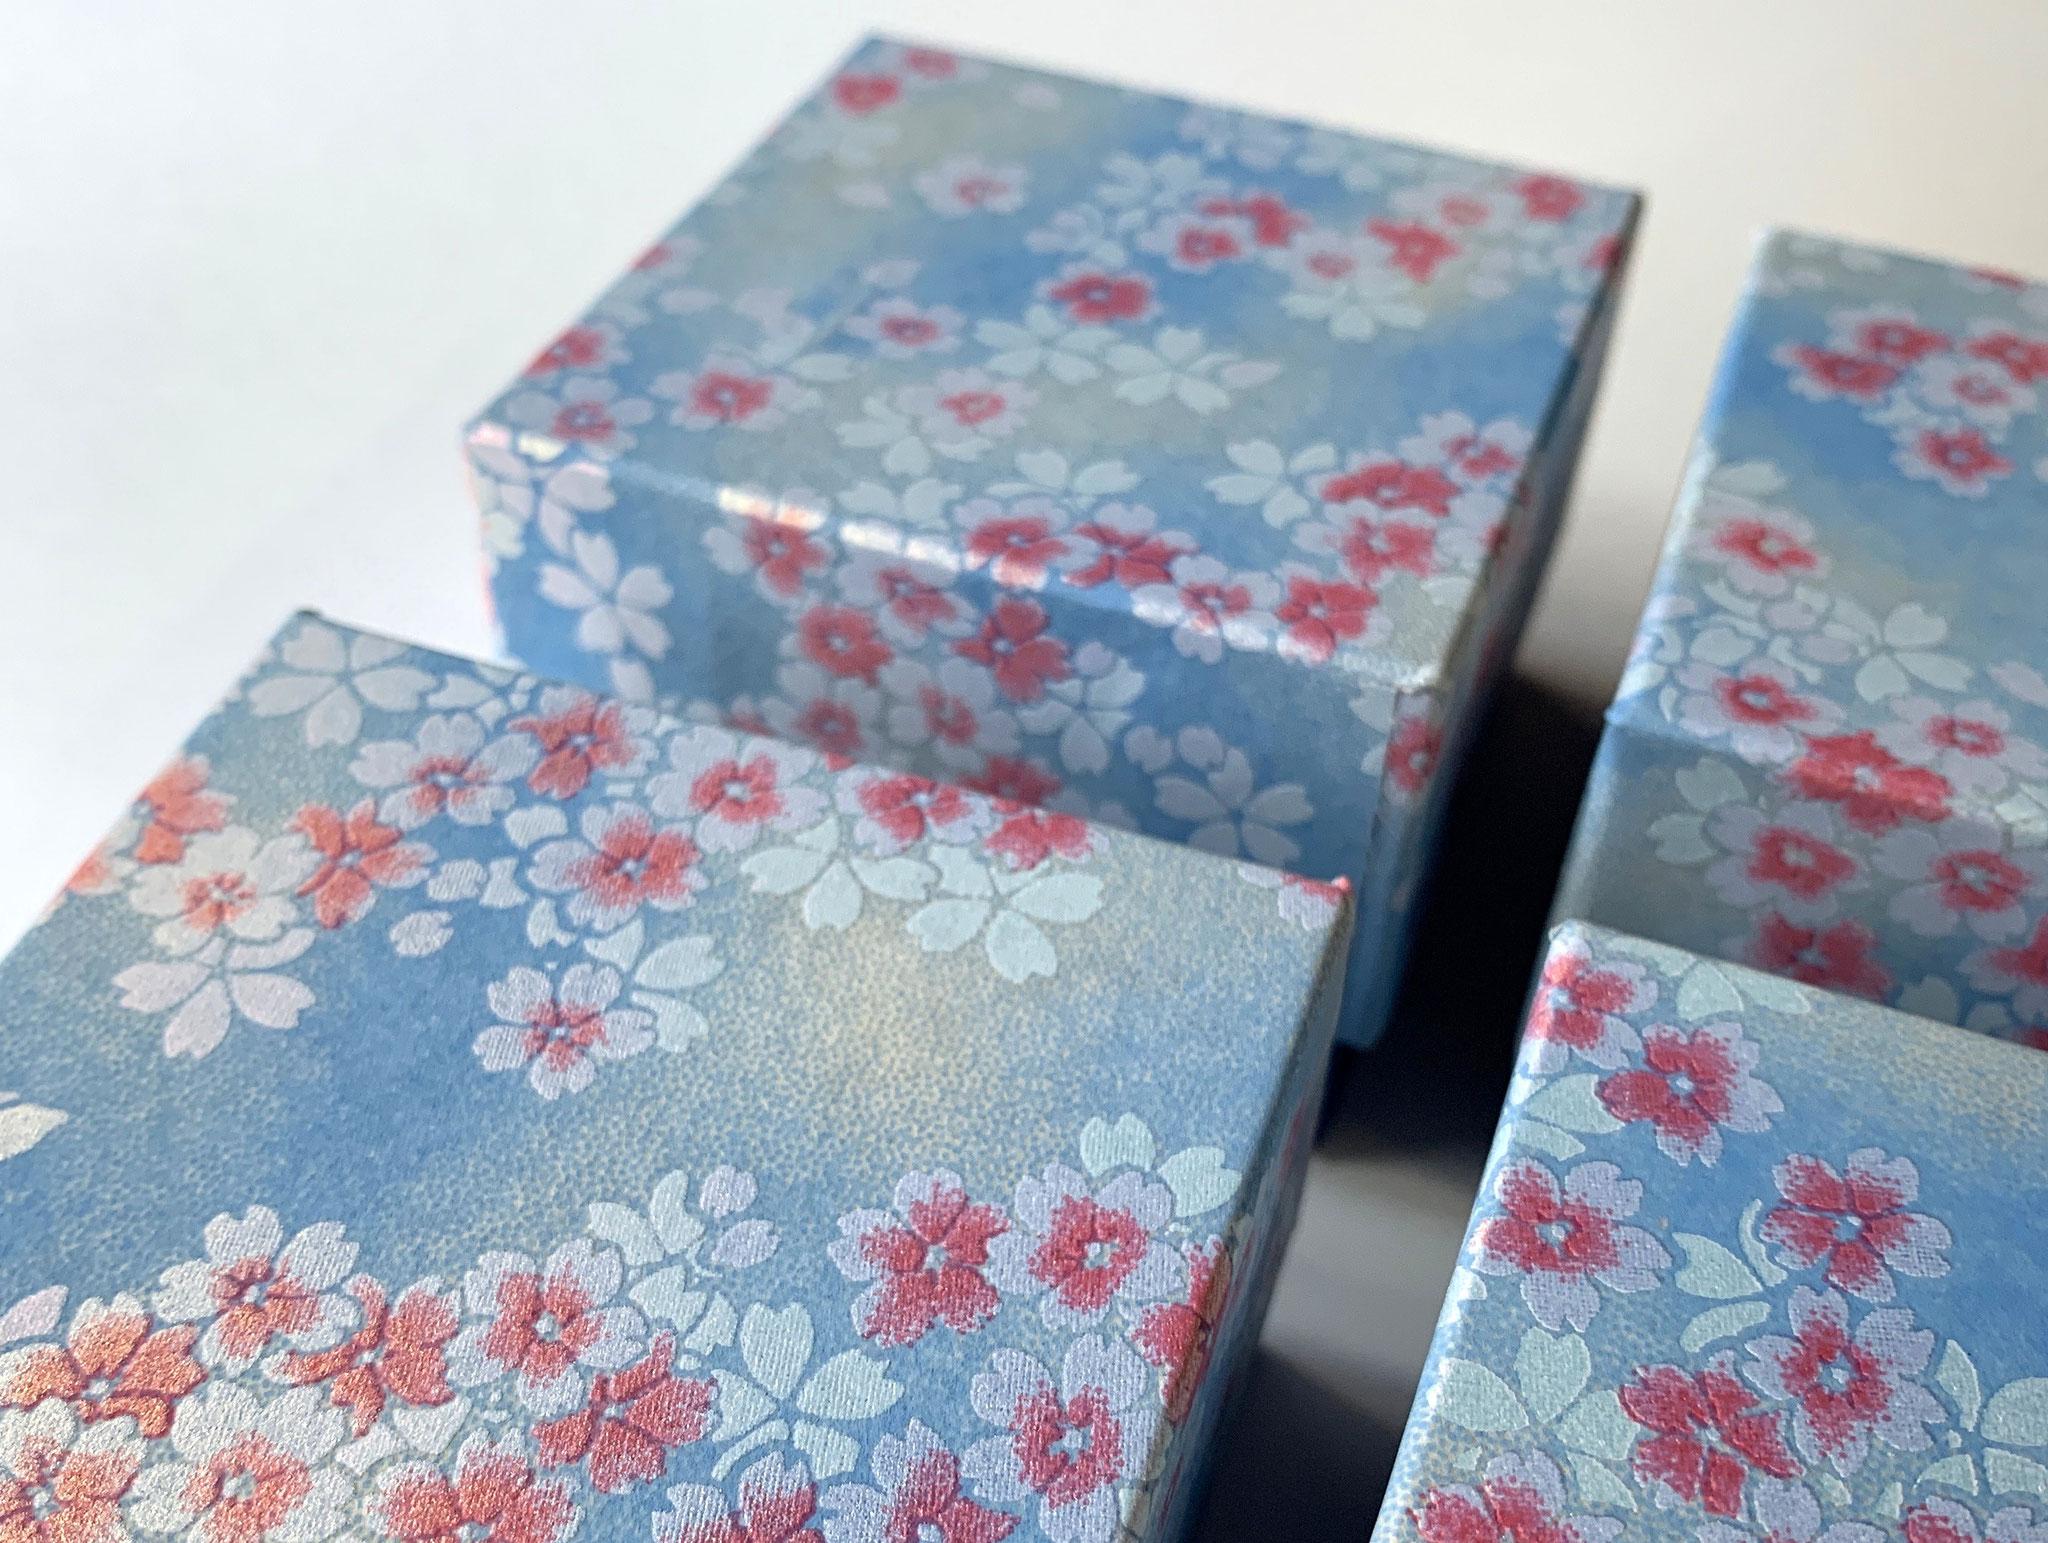 千代紙と鳥の子紙を使って別注で作製した貼り箱をスイス向けに発送